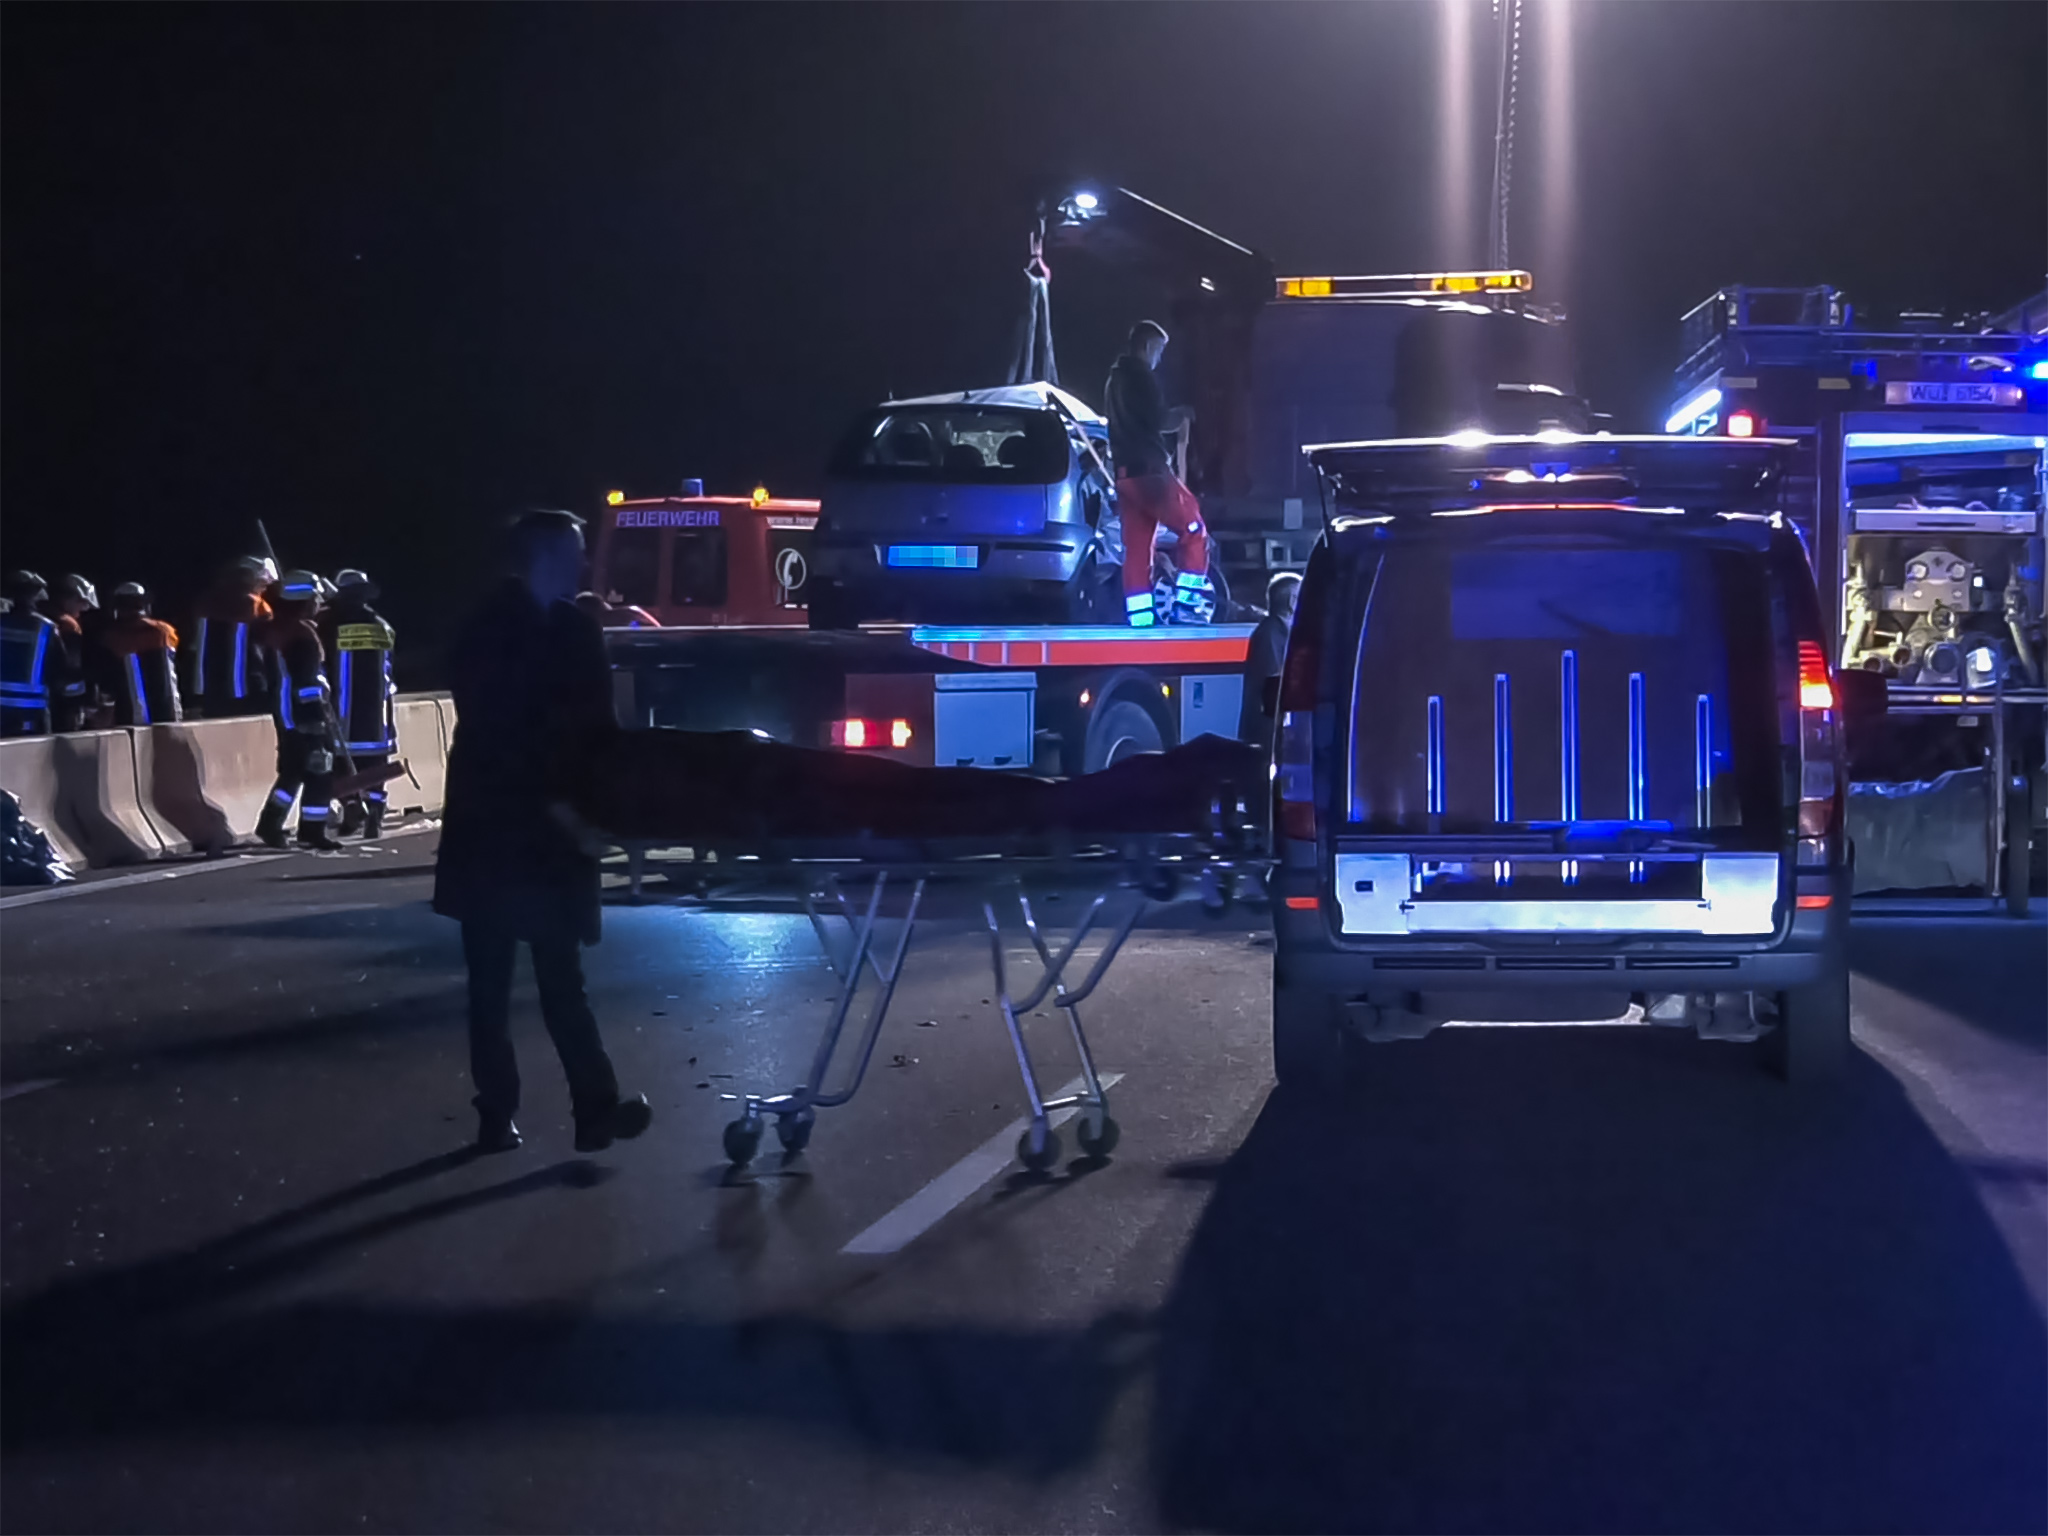 8.690 Verkehrsunfälle in Bayern waren auf nicht angepasste oder zu hohe Geschwindigkeit zurückzuführen (- vier Prozent). 85 Menschen kamen dabei ums Leben. Foto: Pascal Höfig